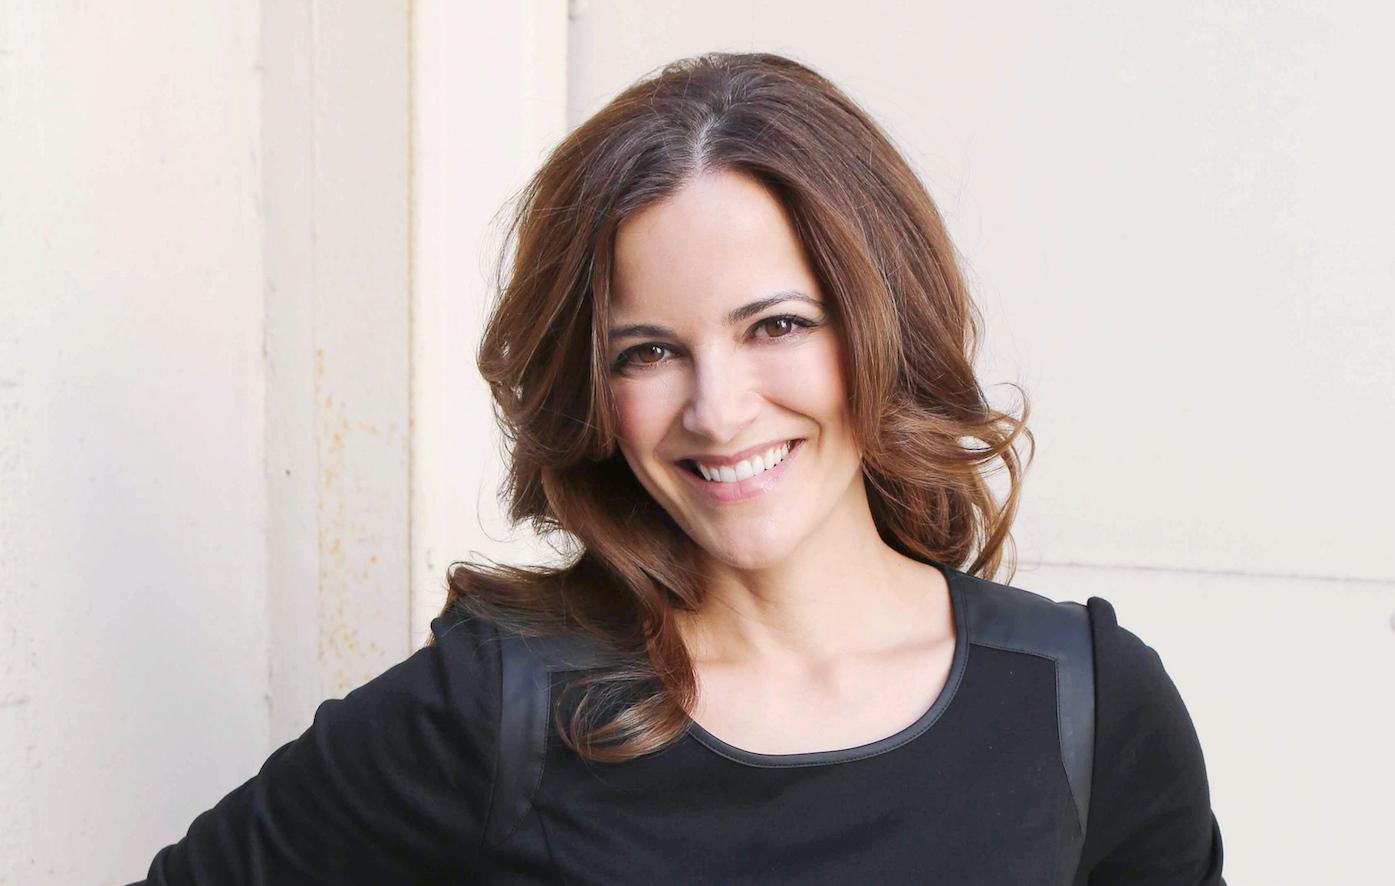 GH Rebecca Budig - JPI